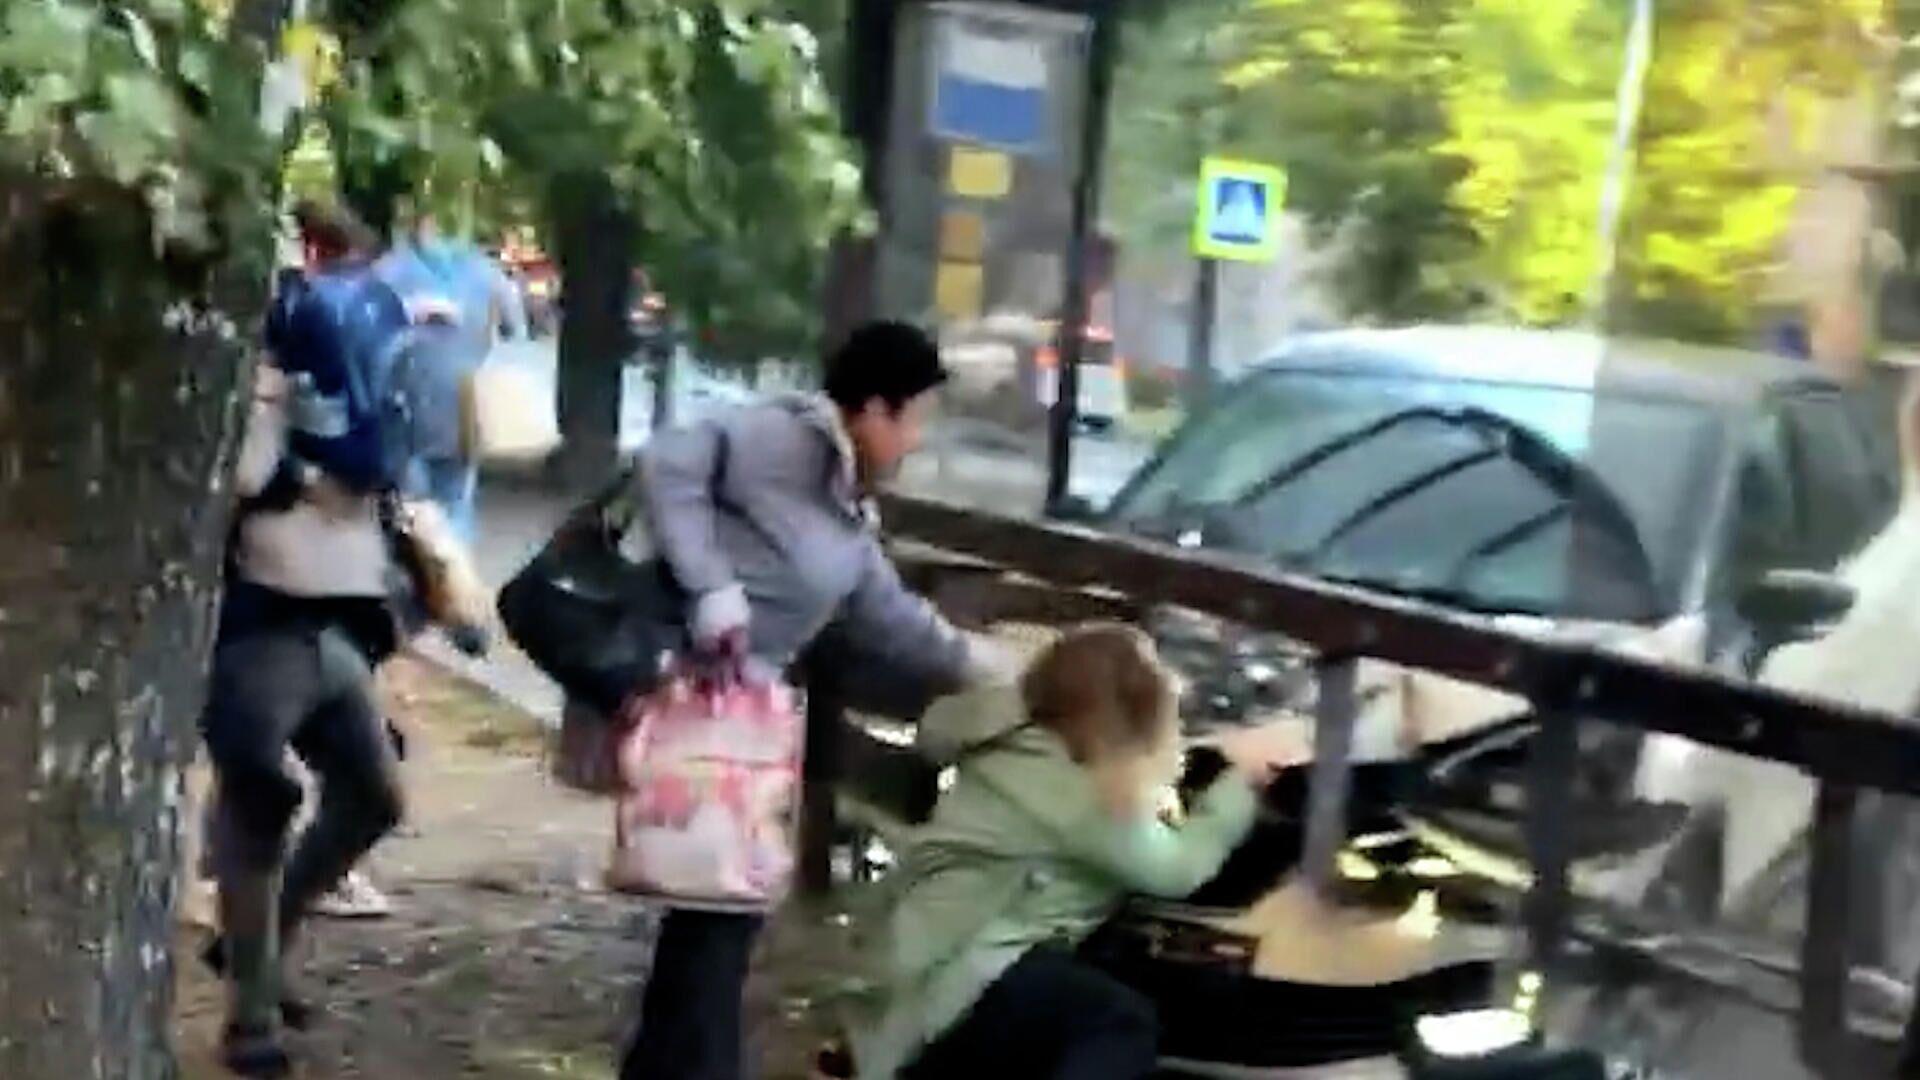 Машина влетела в толпу людей на автобусной остановке в Калининграде. Кадры с места ДТП - РИА Новости, 1920, 27.09.2021